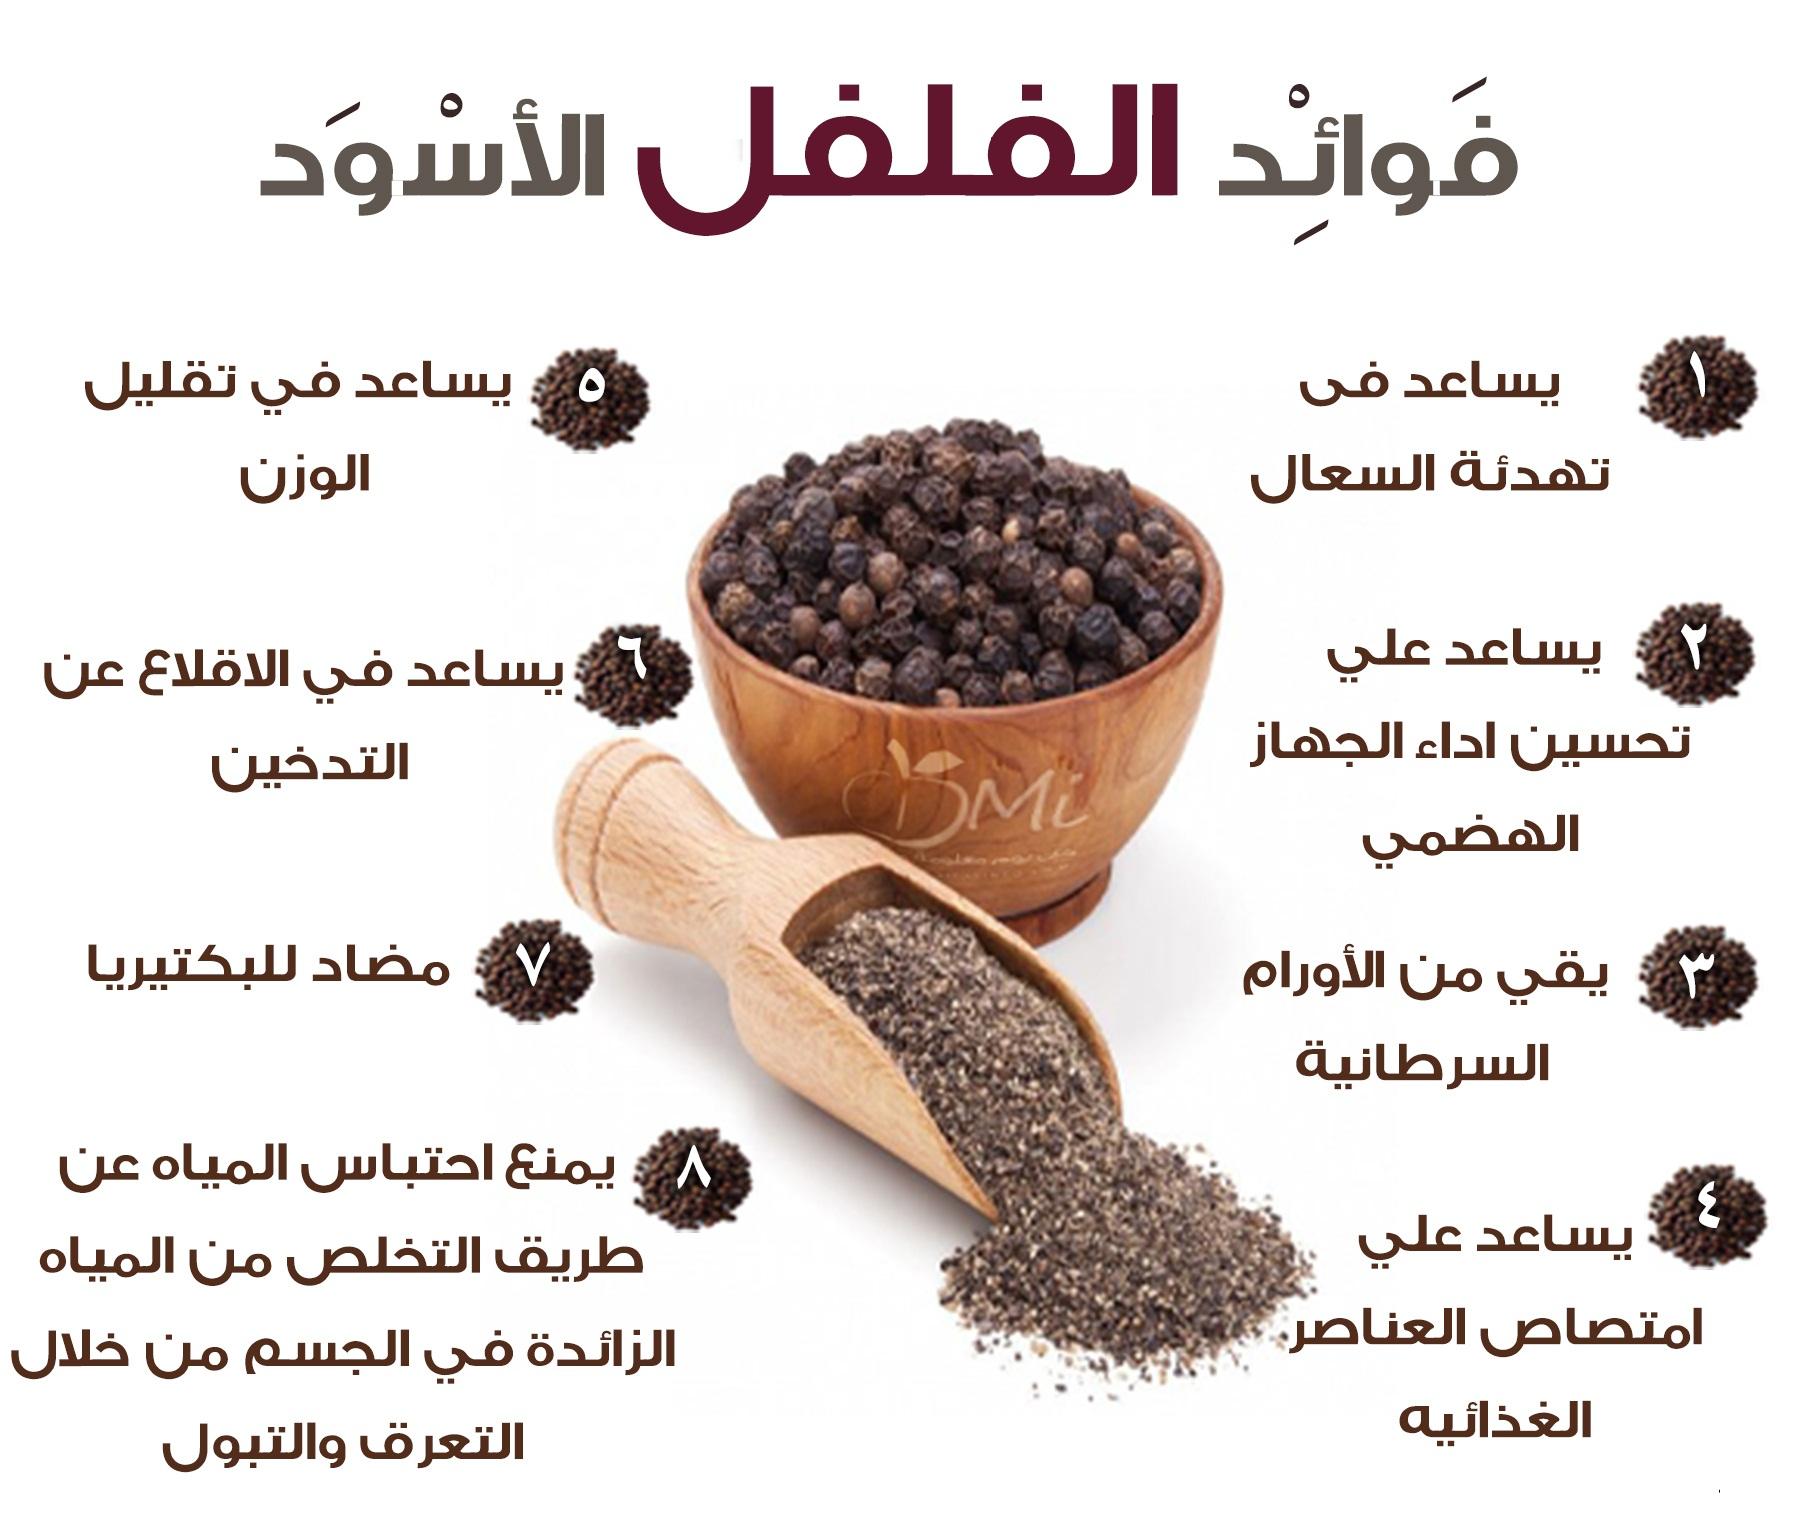 Bildergebnis für الفلفل الاسود